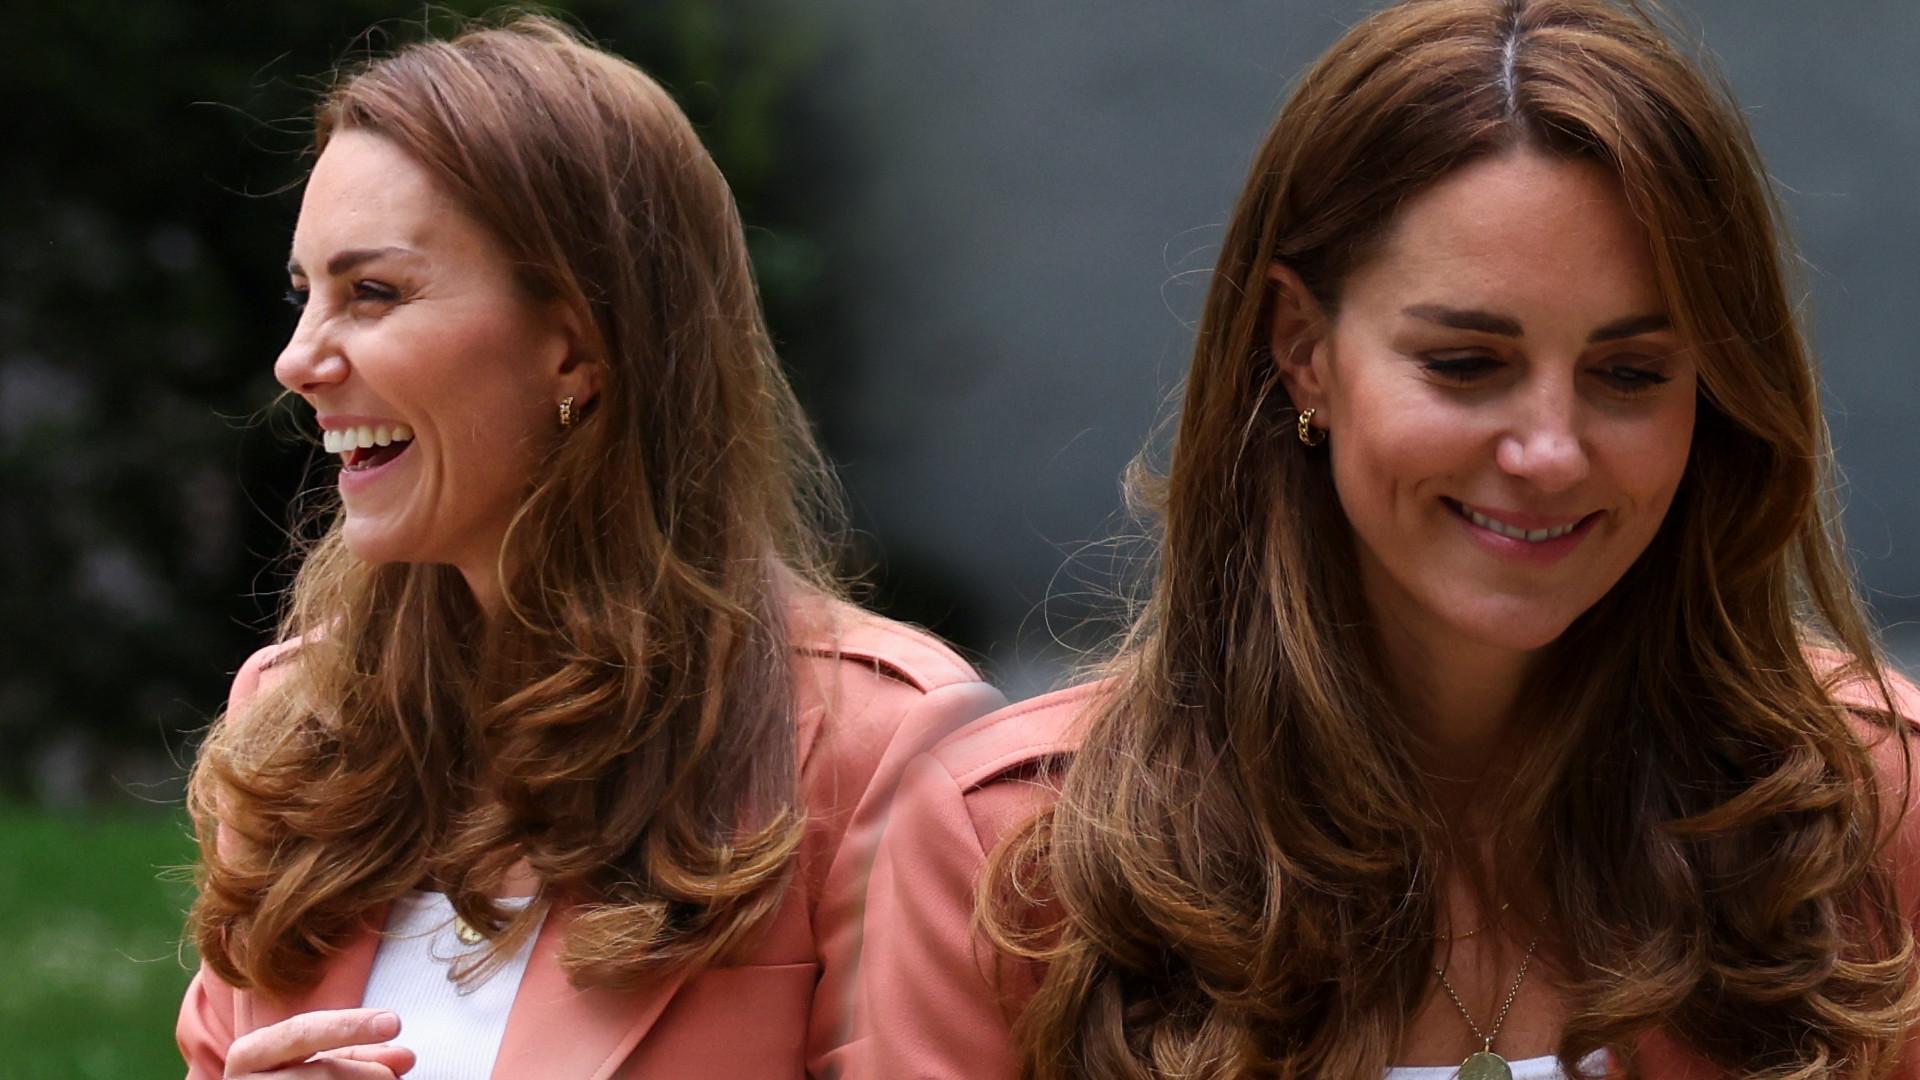 Księżna Kate w takich jeansach to rzadki widok – a szkoda, bo wygląda w nich świetnie! (ZDJĘCIA)